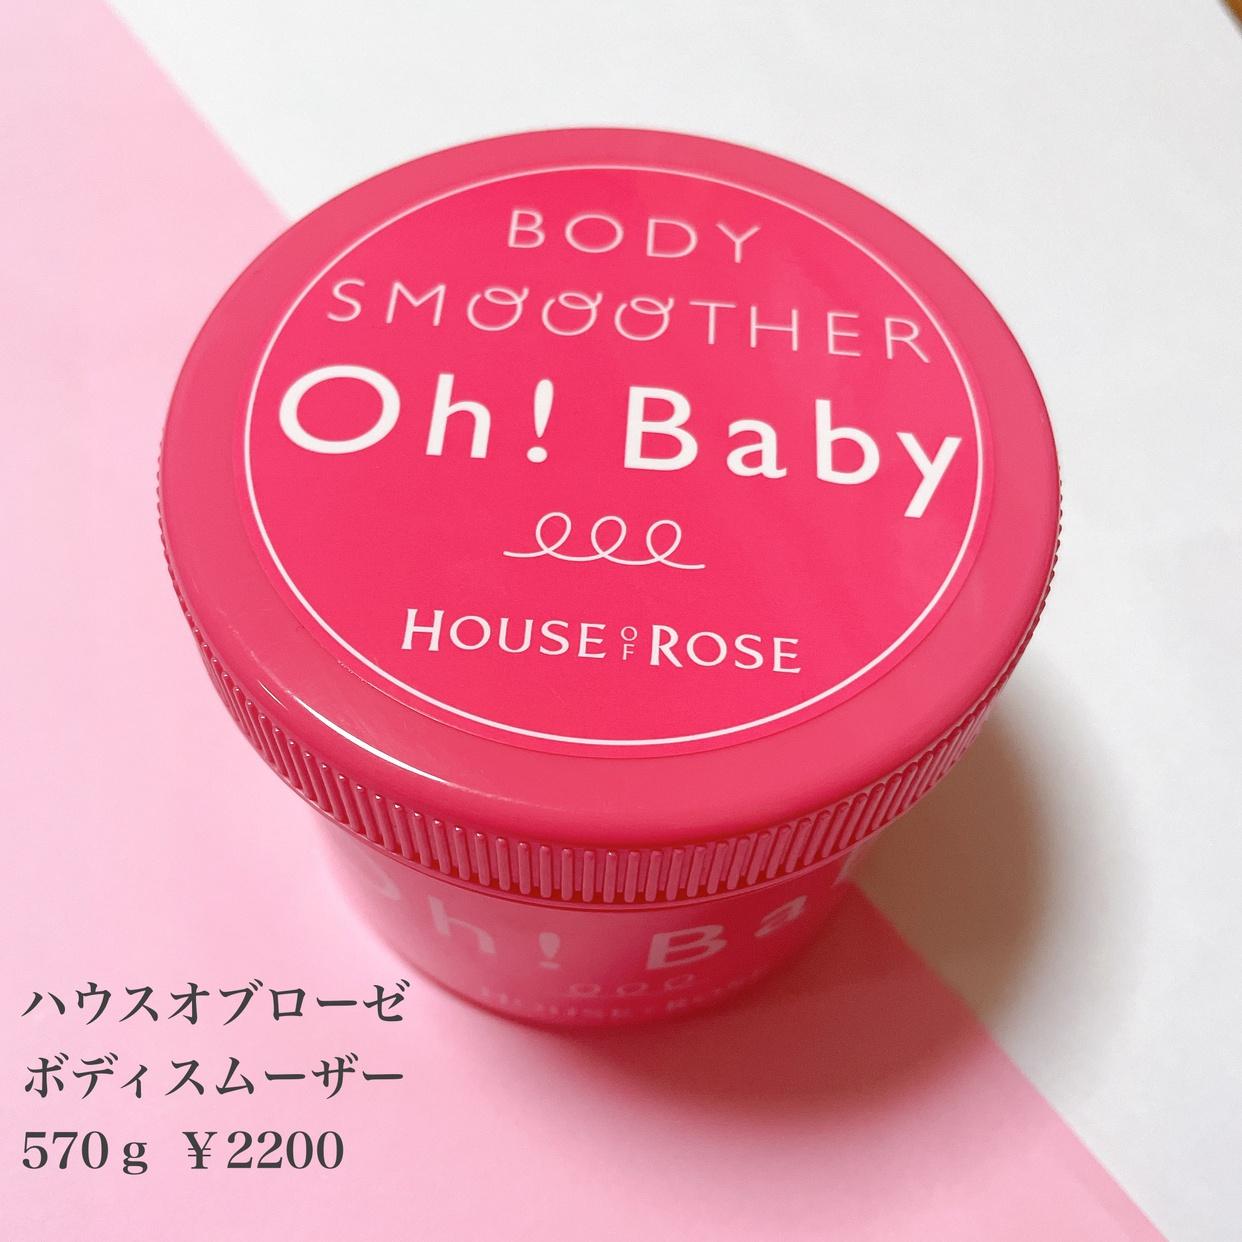 HOUSE OF ROSE(ハウスオブローゼ) オーベイビー ボディ スムーザーの良い点・メリットに関するここあさんの口コミ画像1